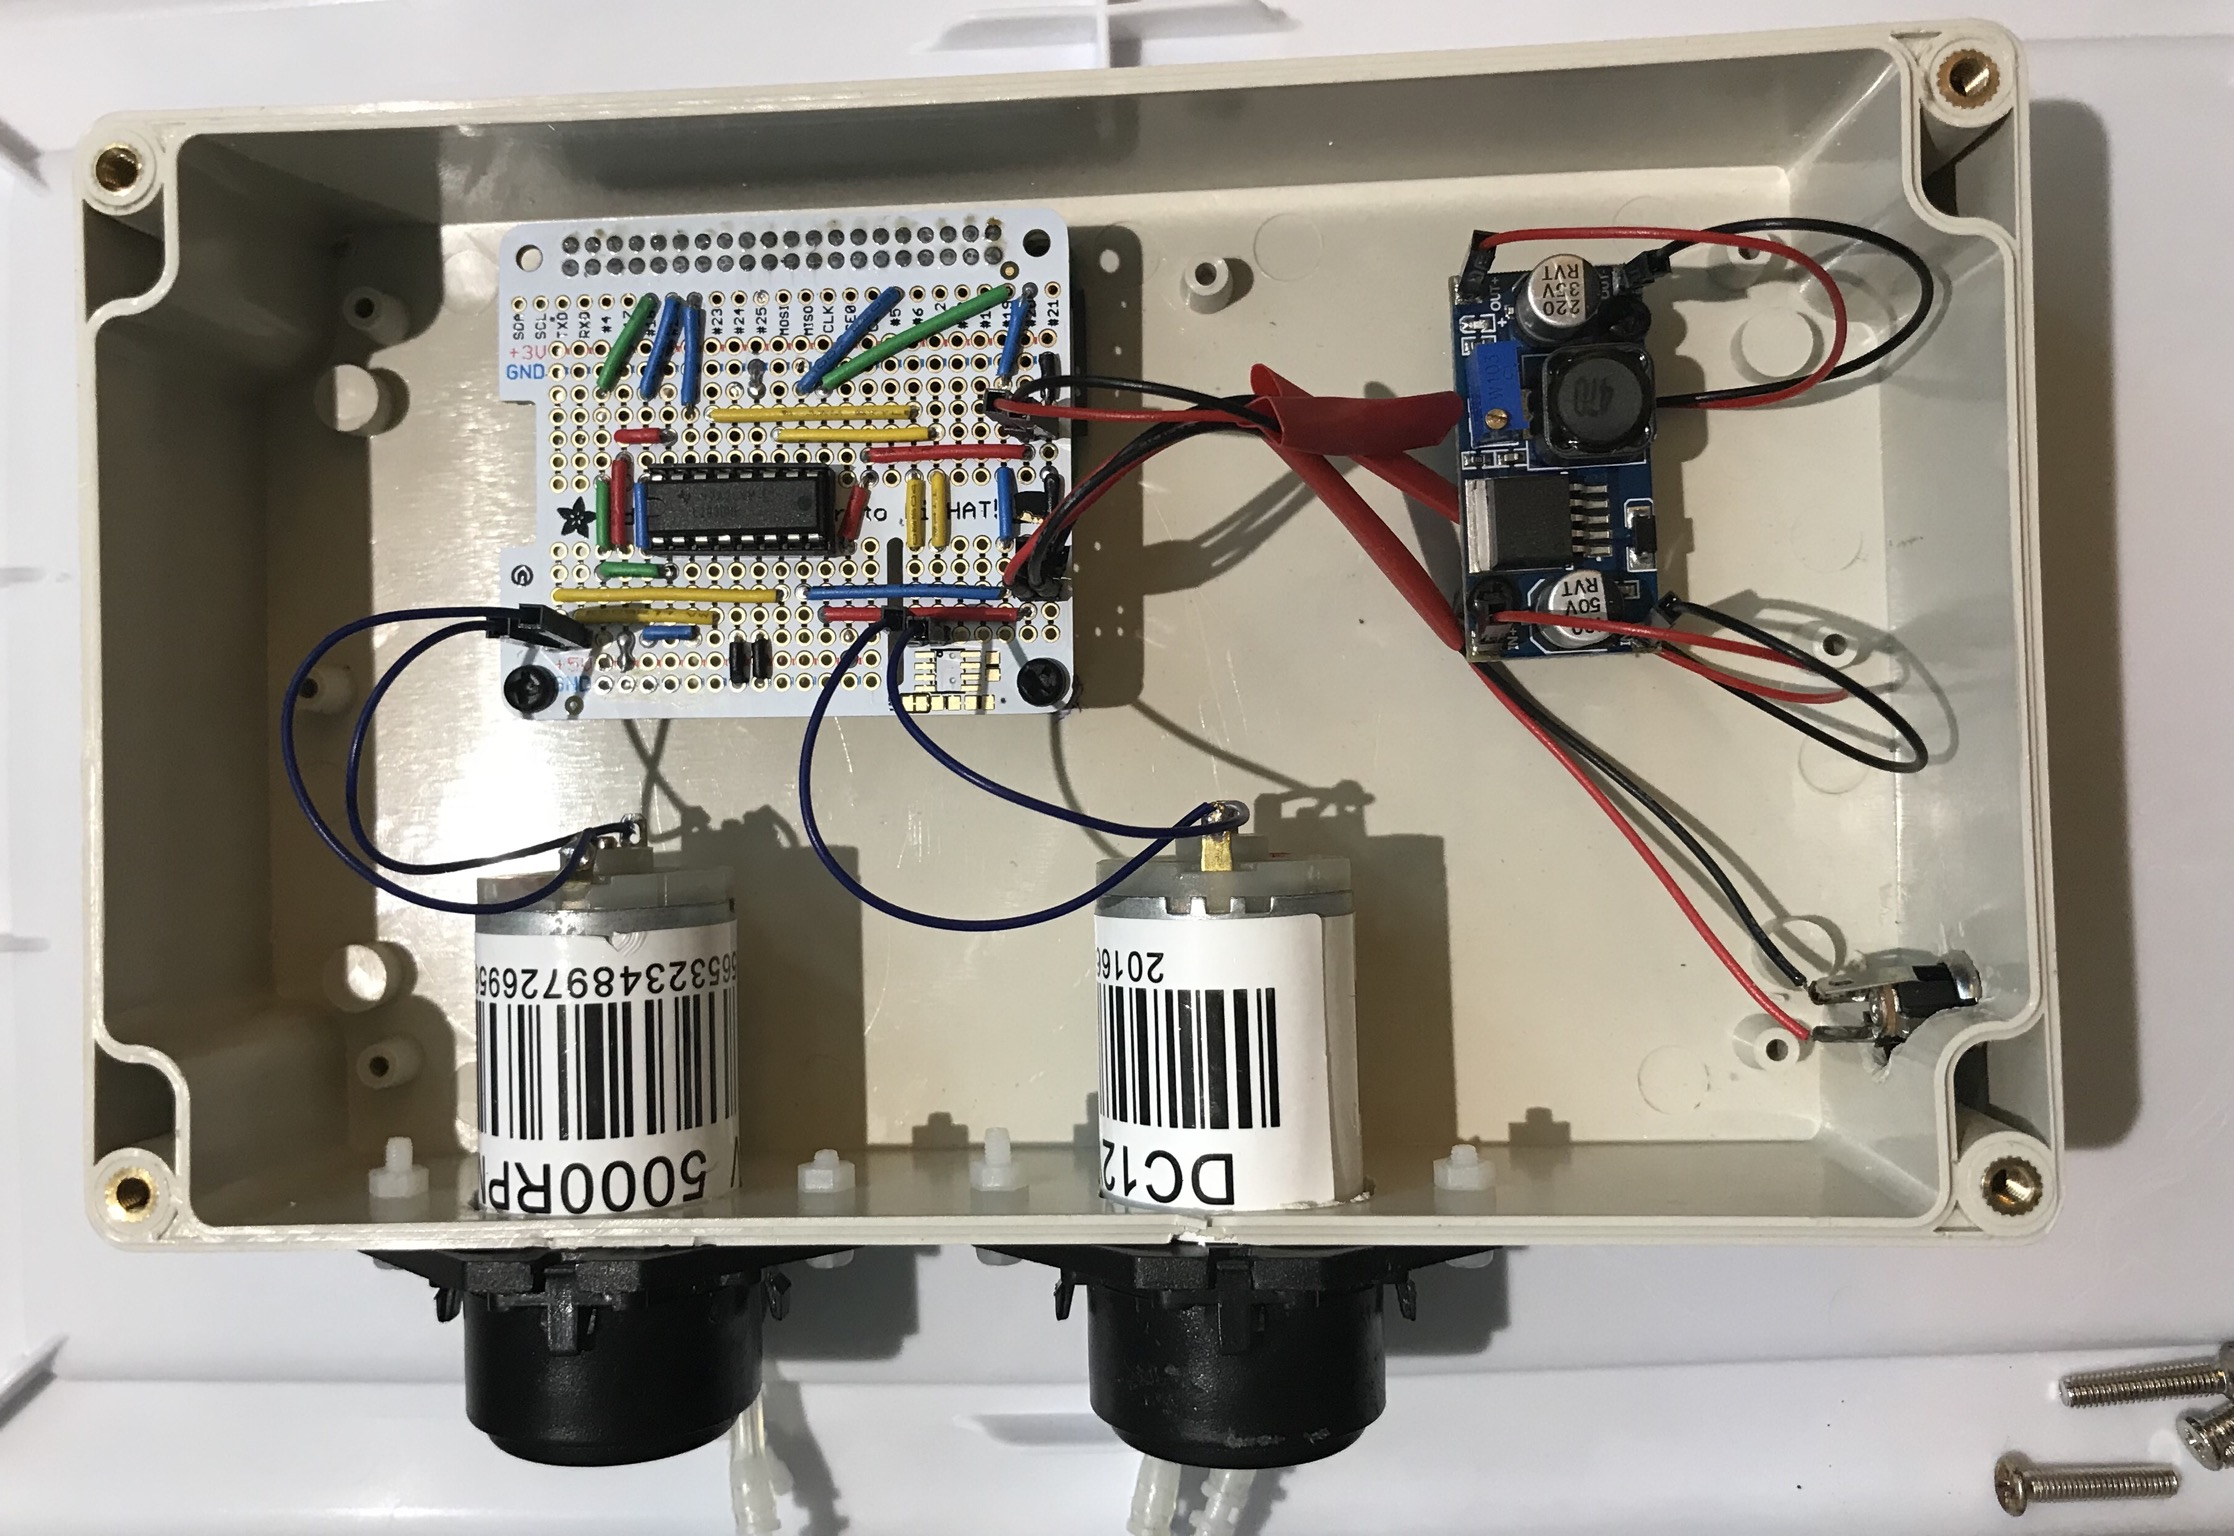 components_08F27F47-CC68-4ED1-9431-CCC894A30D98.jpeg